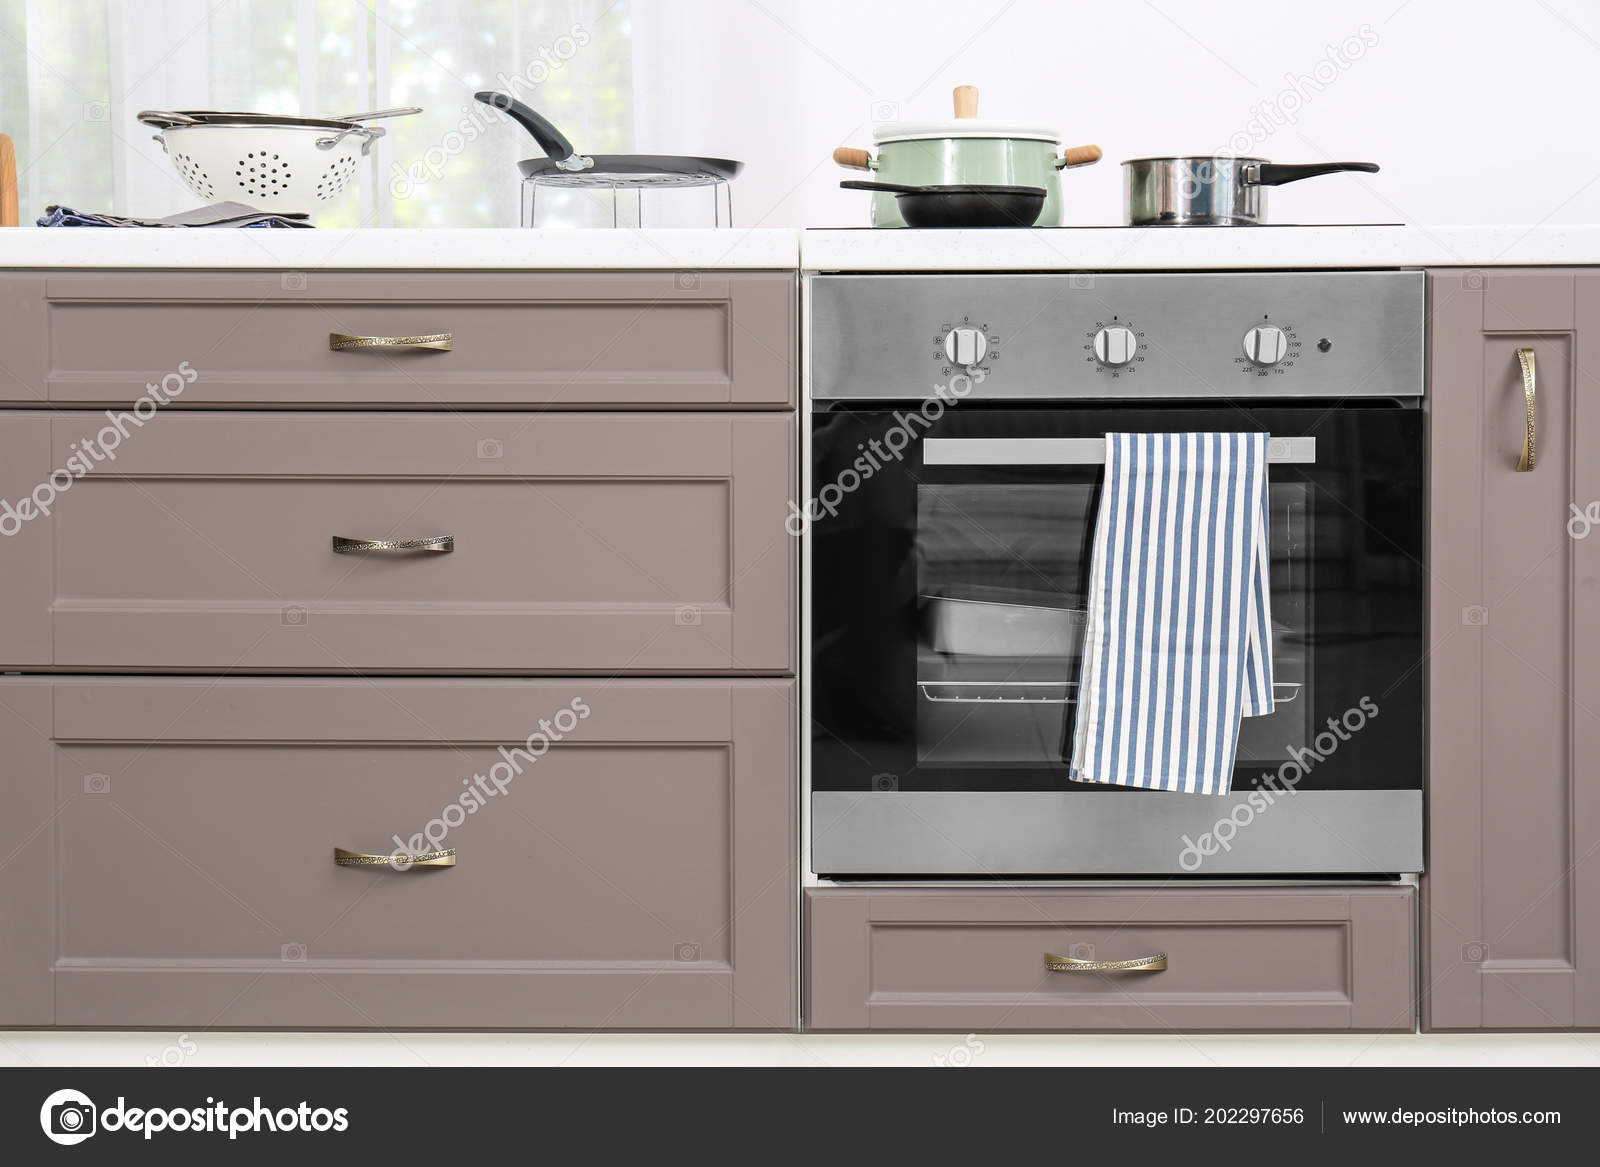 Mobili cucina moderna con piano cottura elettrico — Foto ...